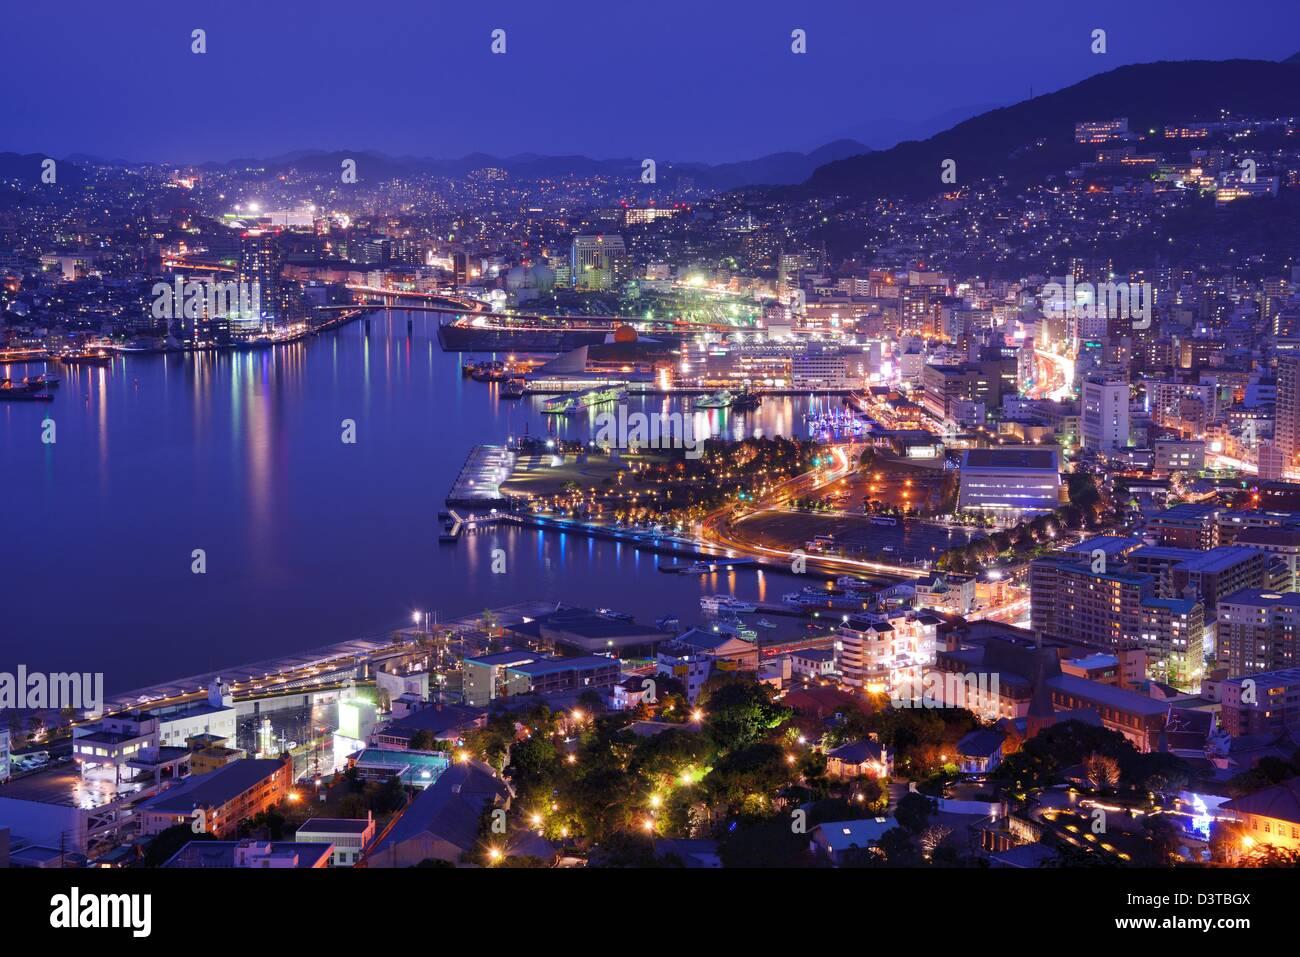 El horizonte de la bahía de Nagasaki, Japón. Imagen De Stock